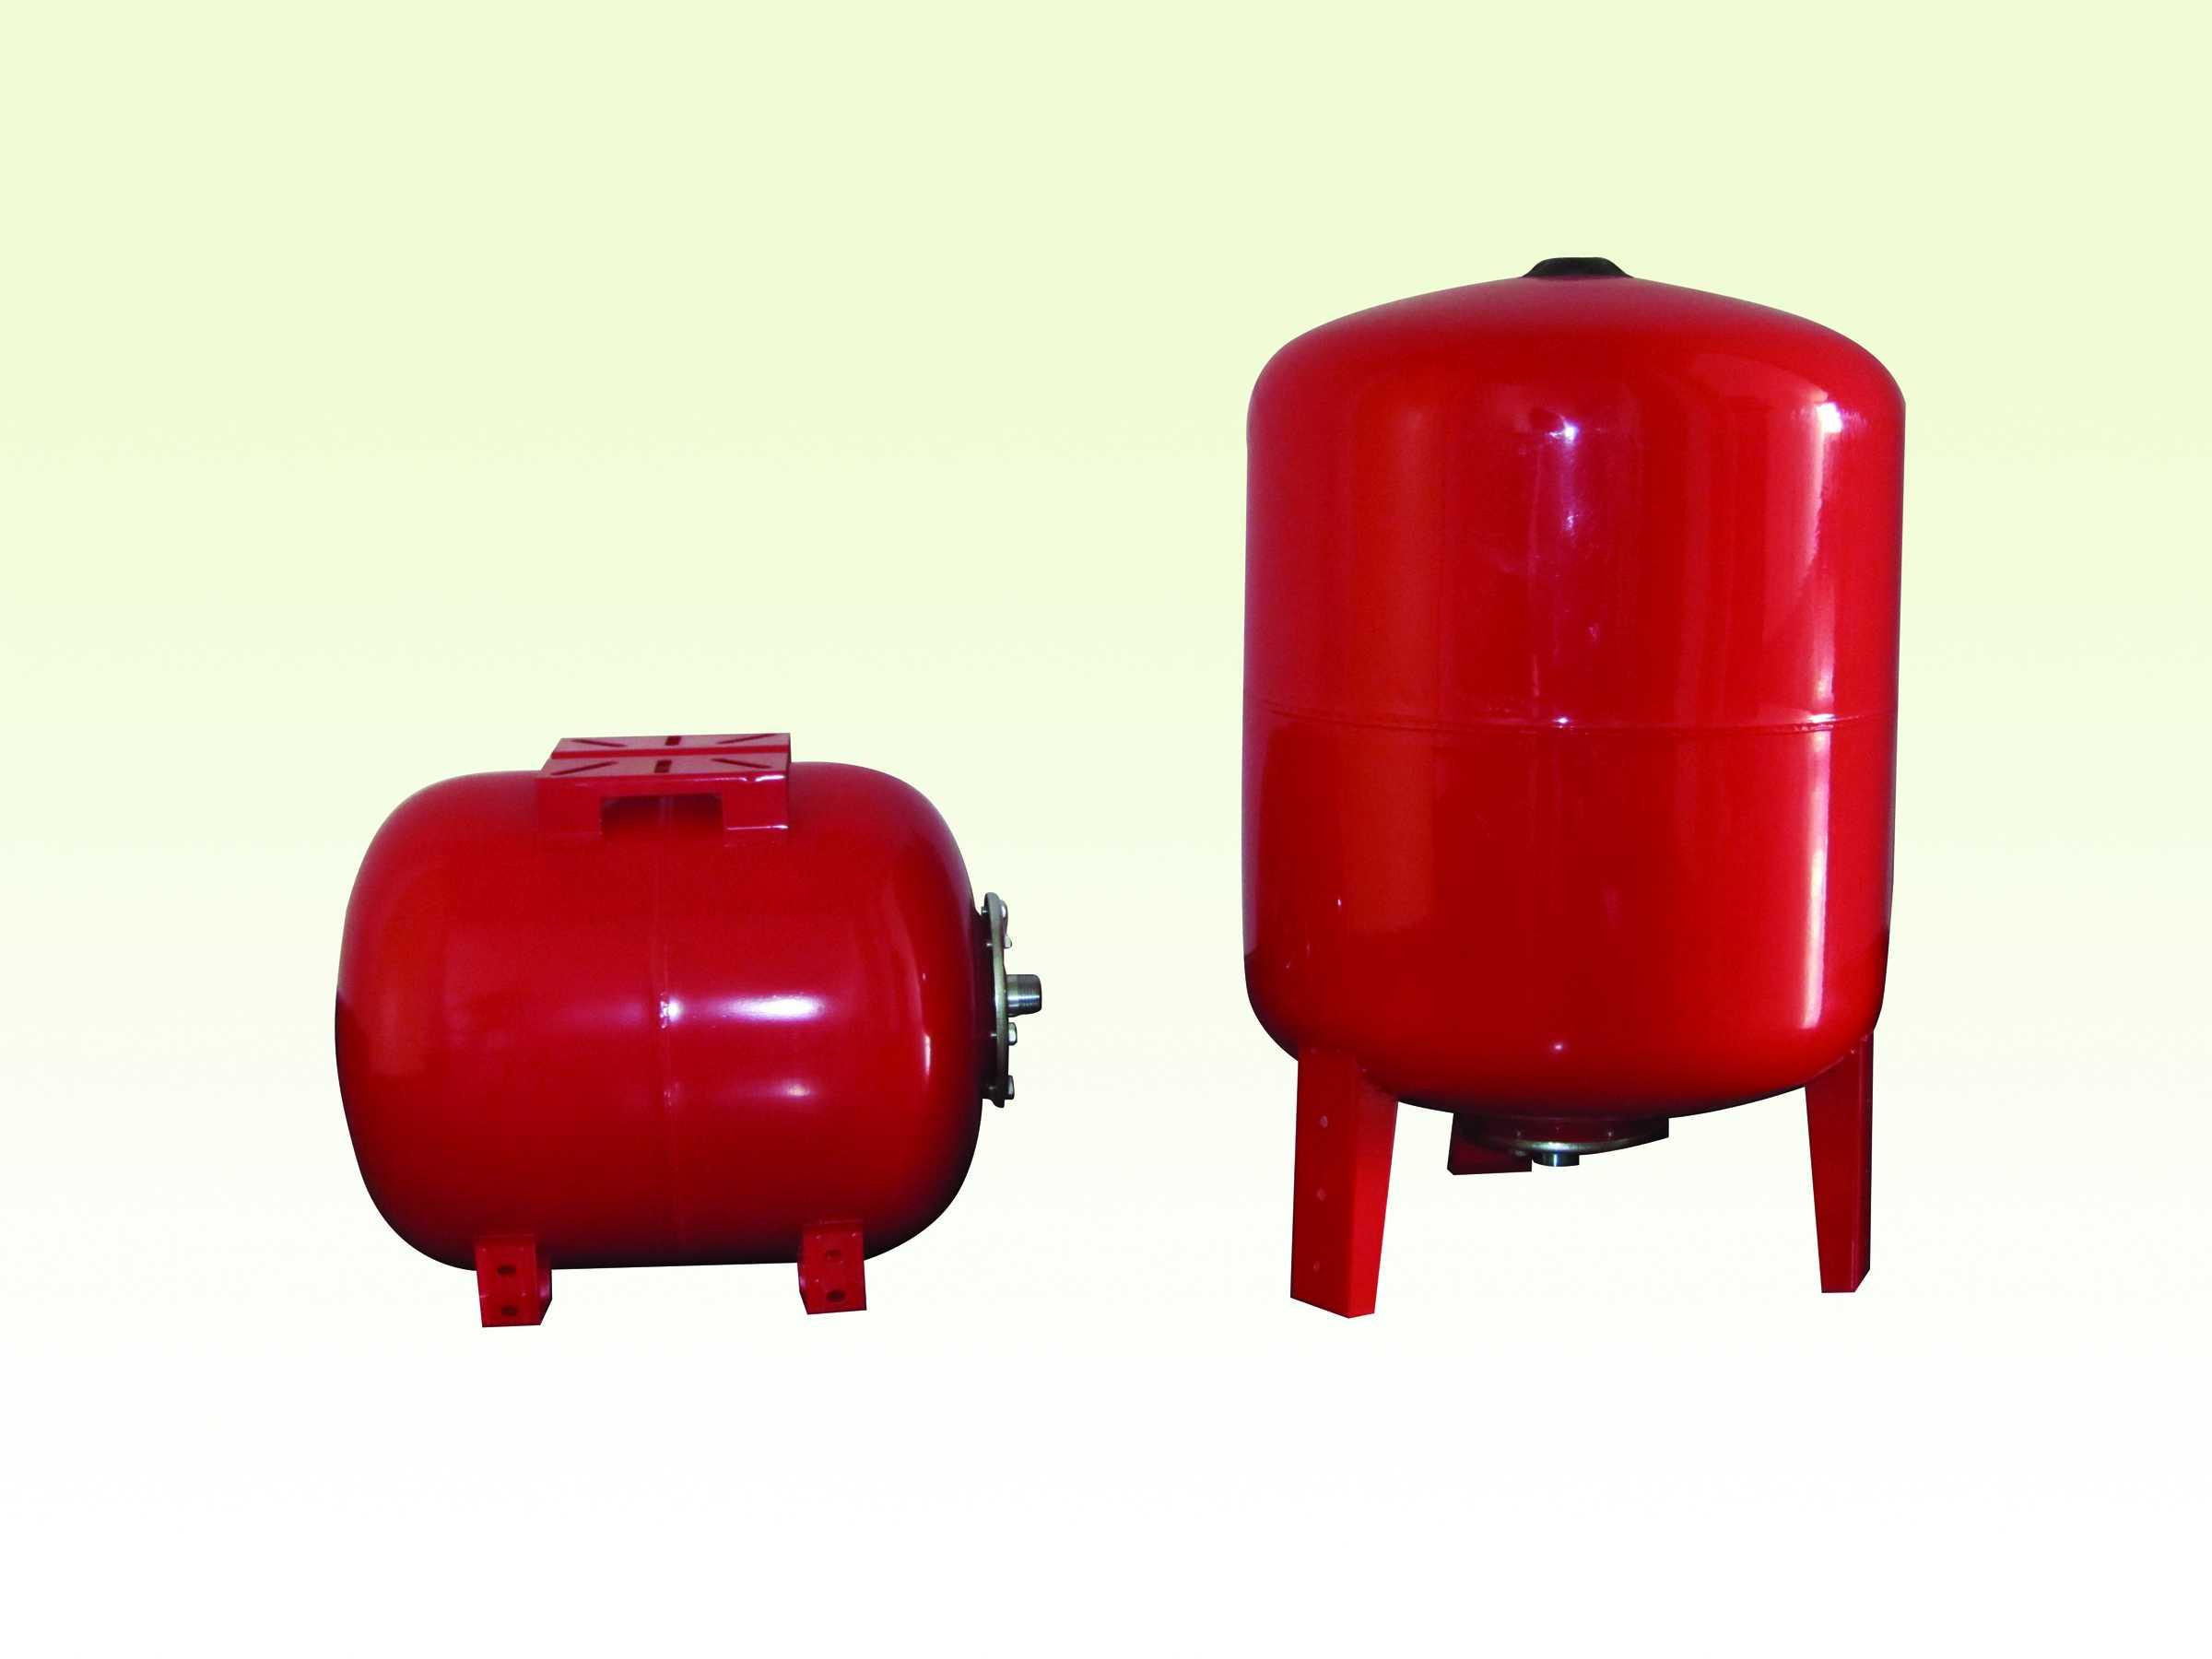 气压罐 立式隔膜_气压罐 立式隔膜价格_优质气压罐... - 搜好货网